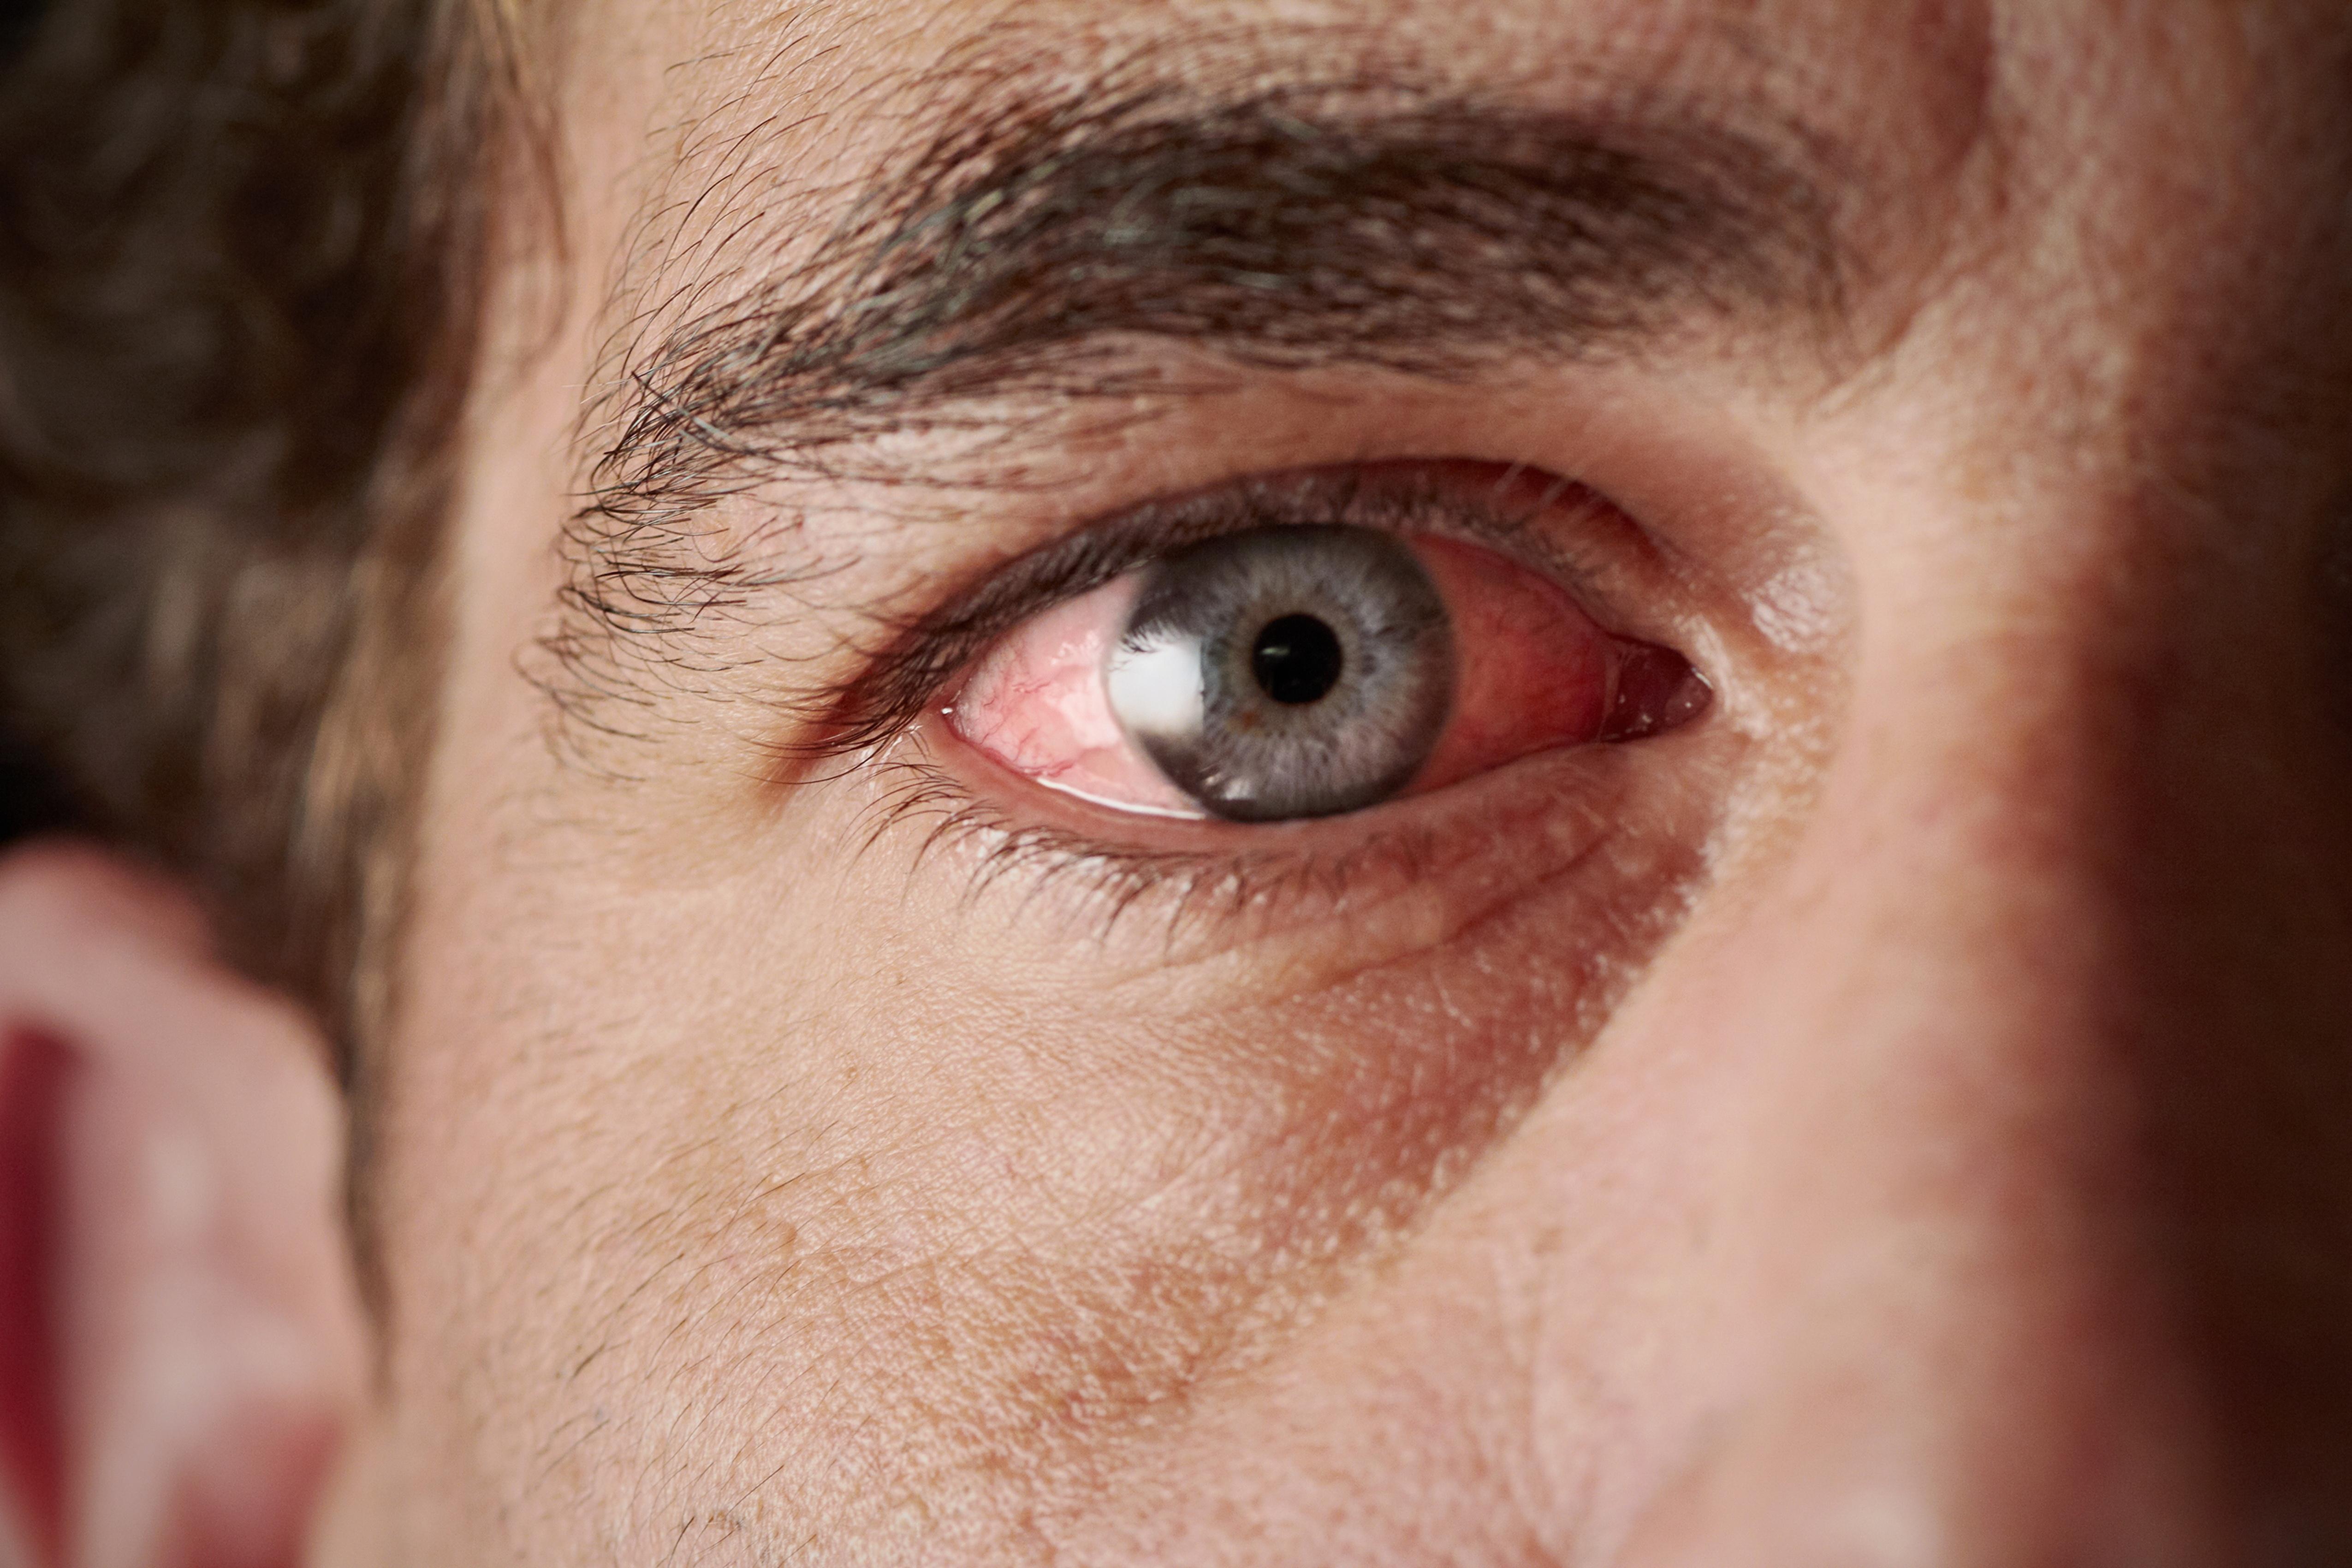 Szemfenéki érelzáródások | Szemészeti Klinika